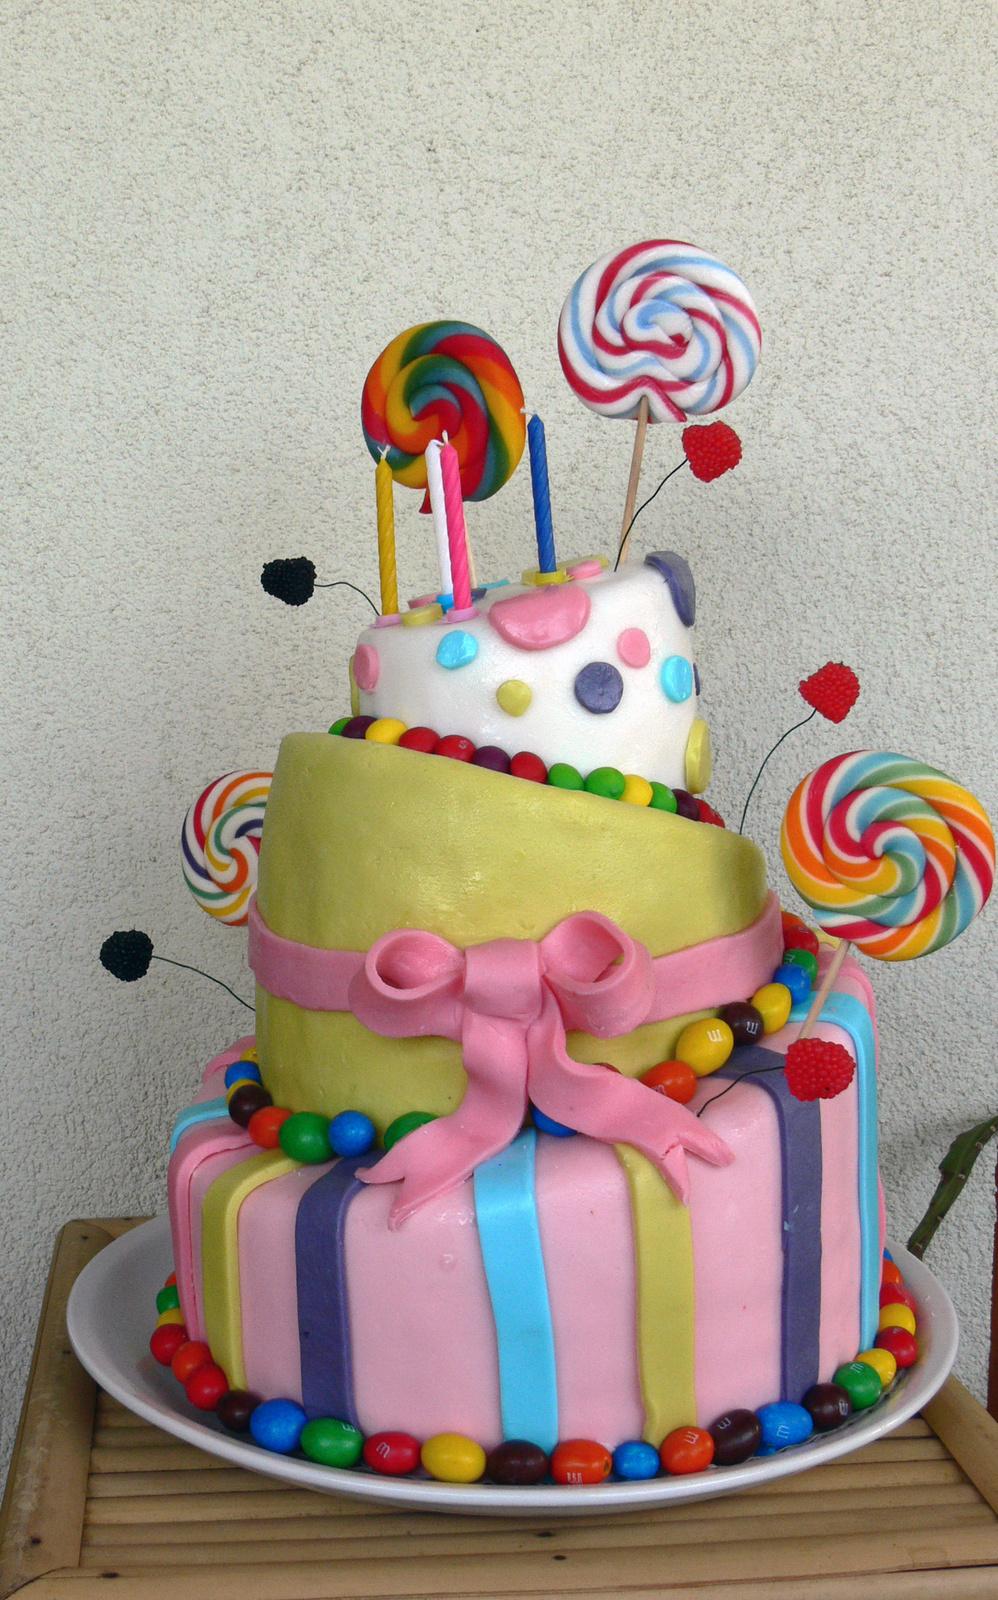 szülinapi torta képek szülinapi torta   vakegér   indafoto.hu szülinapi torta képek